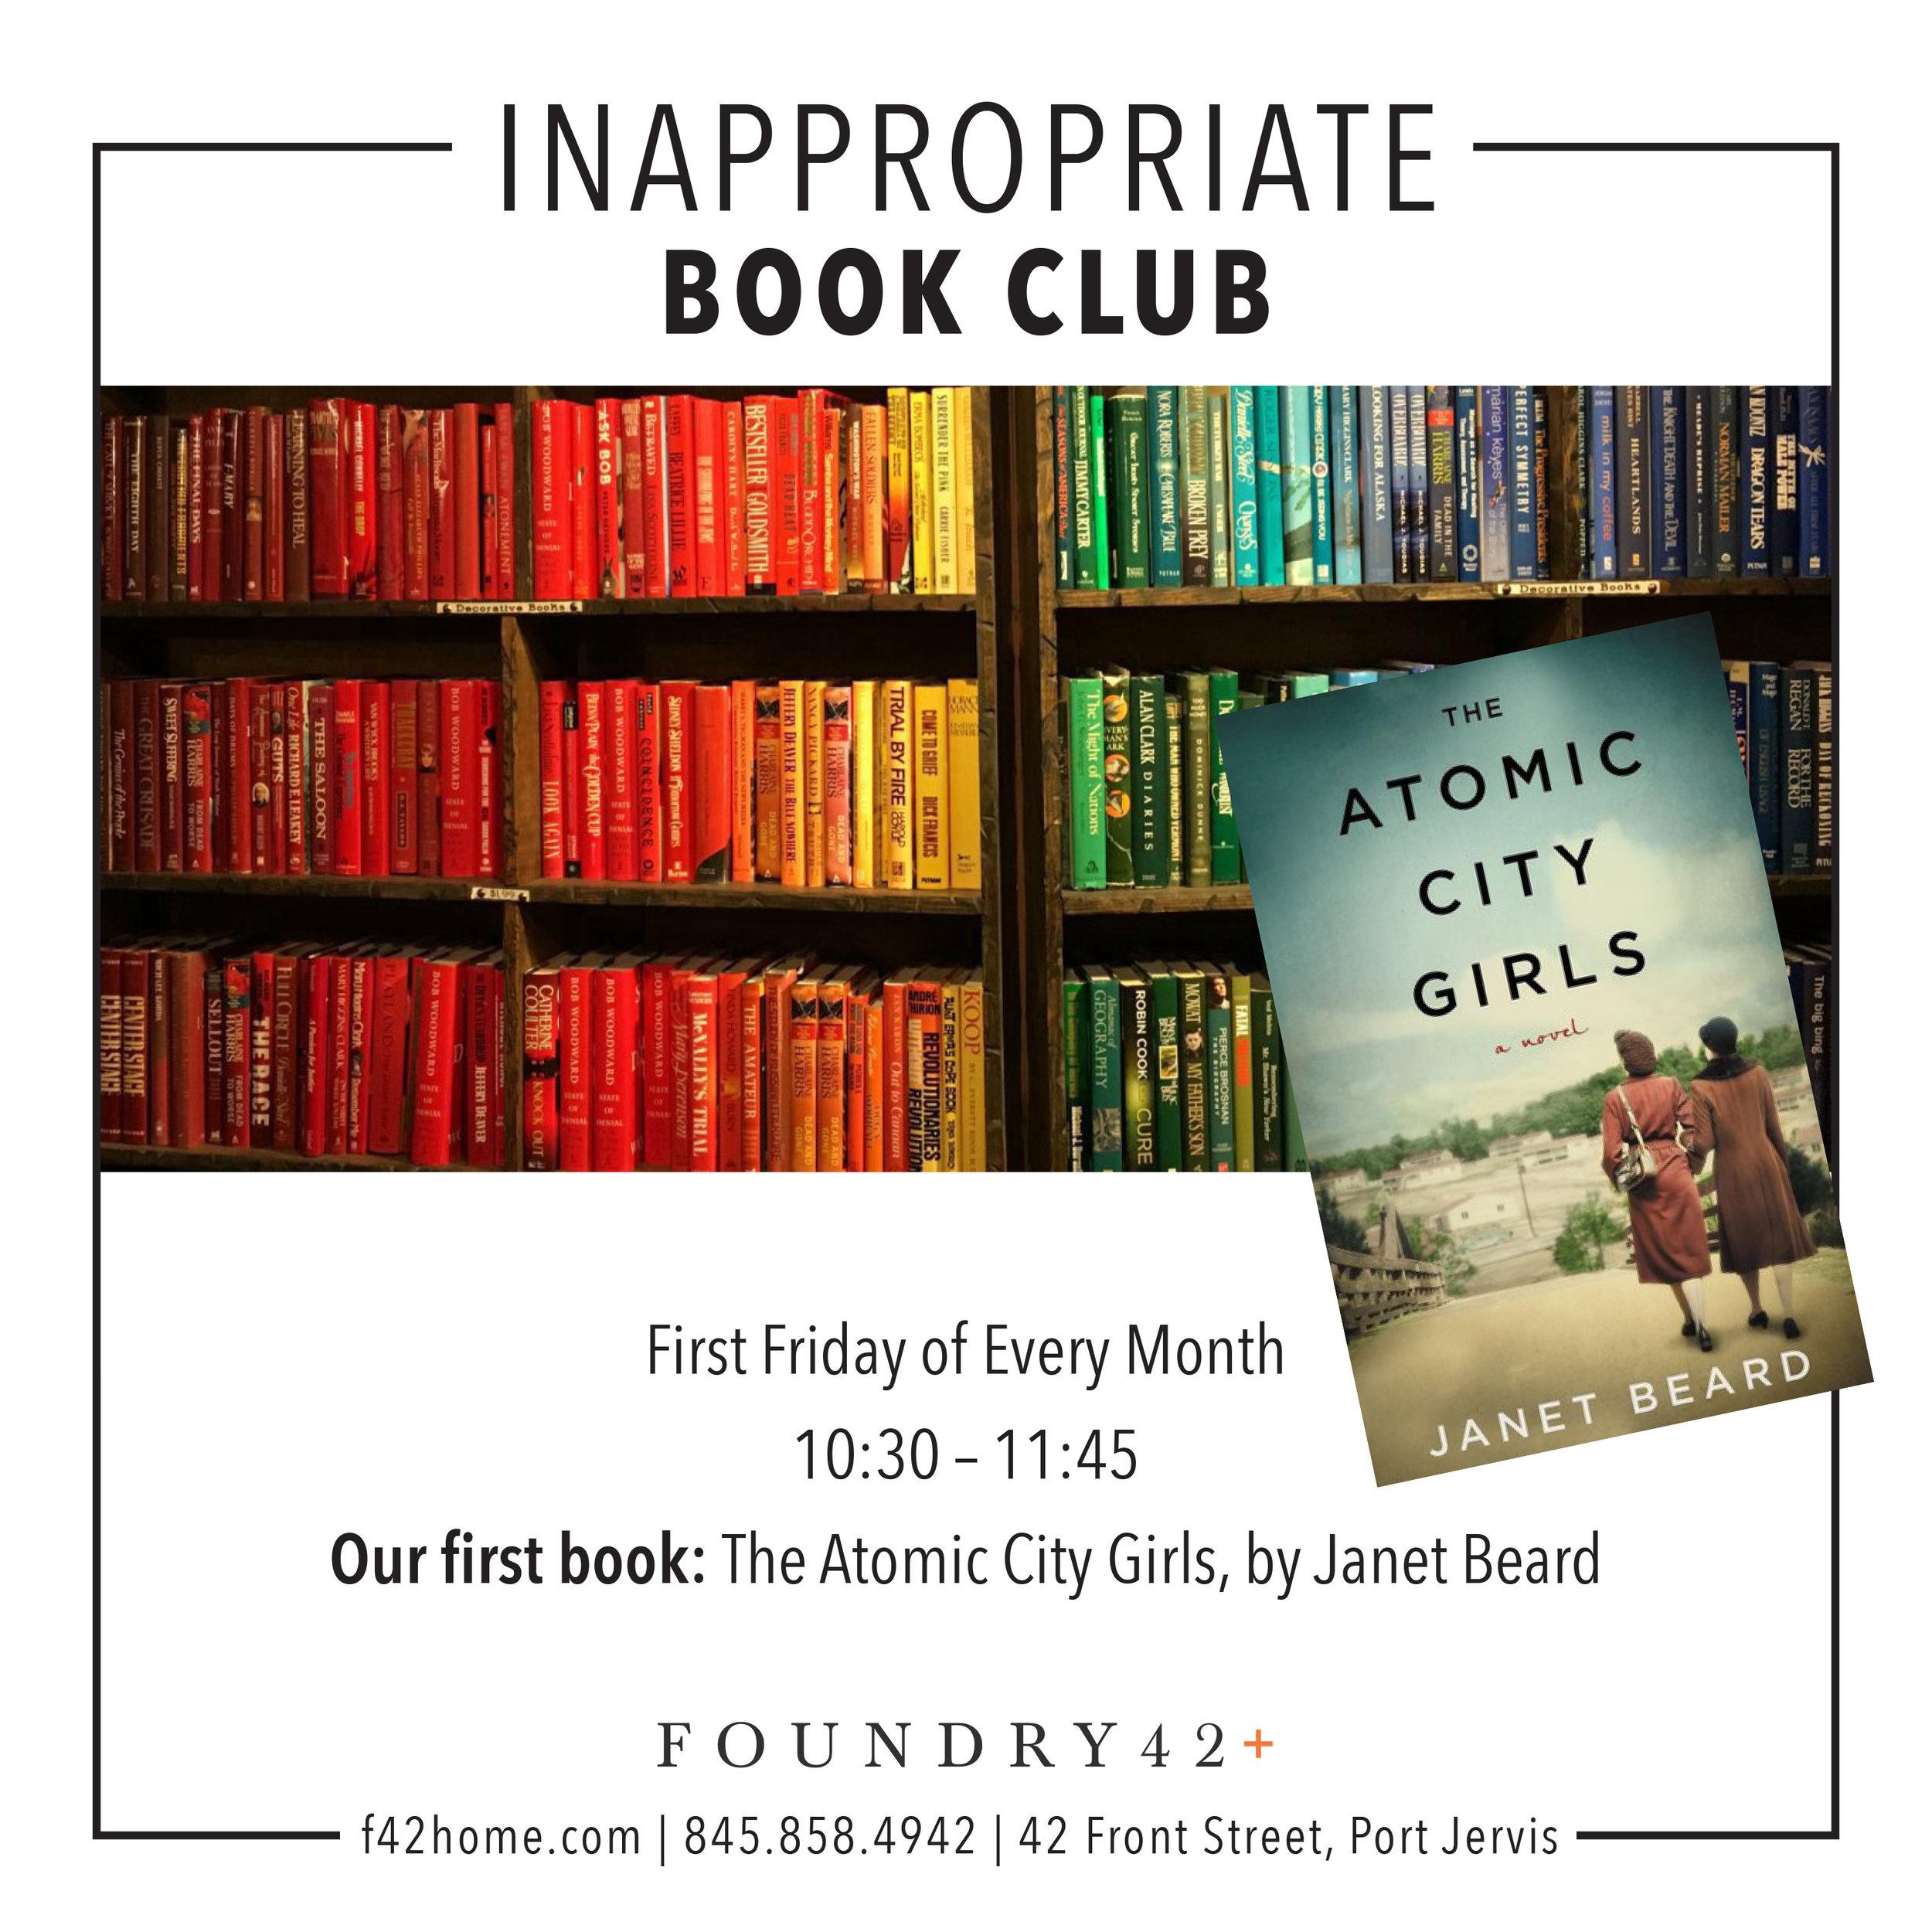 inappropriatebookclub.jpg